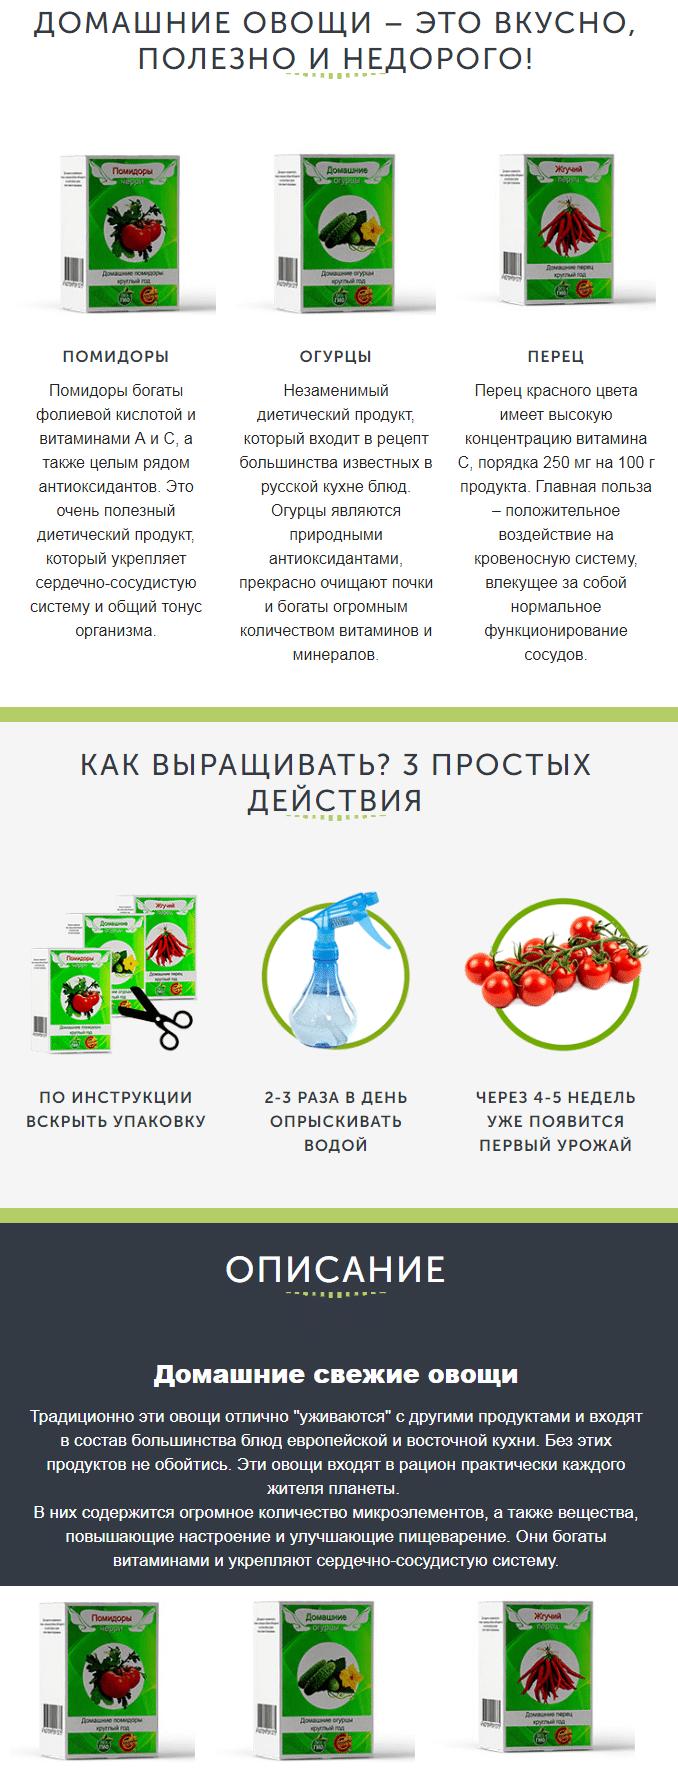 Домашние свежие овощи купить